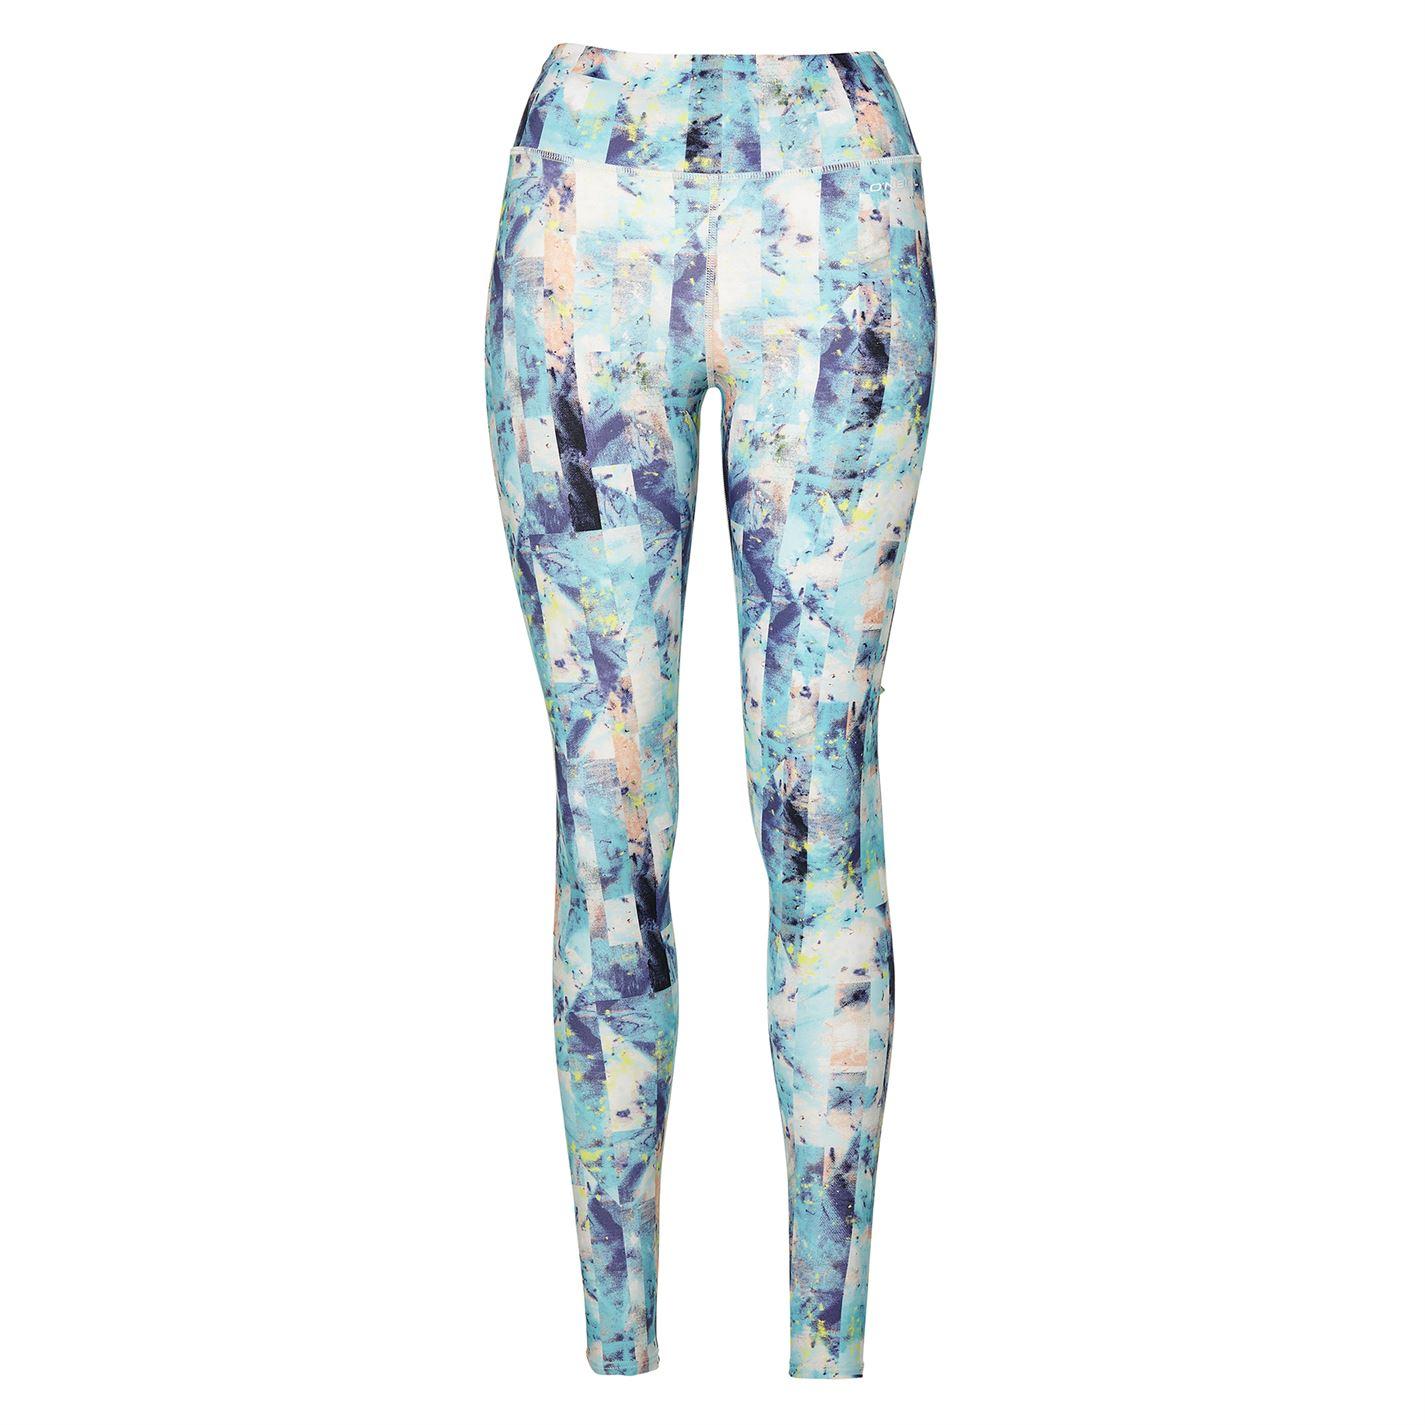 ONeill Hi Rise Leggings Ladies Blue AOP Purple - Glami.cz 37d7519fc9